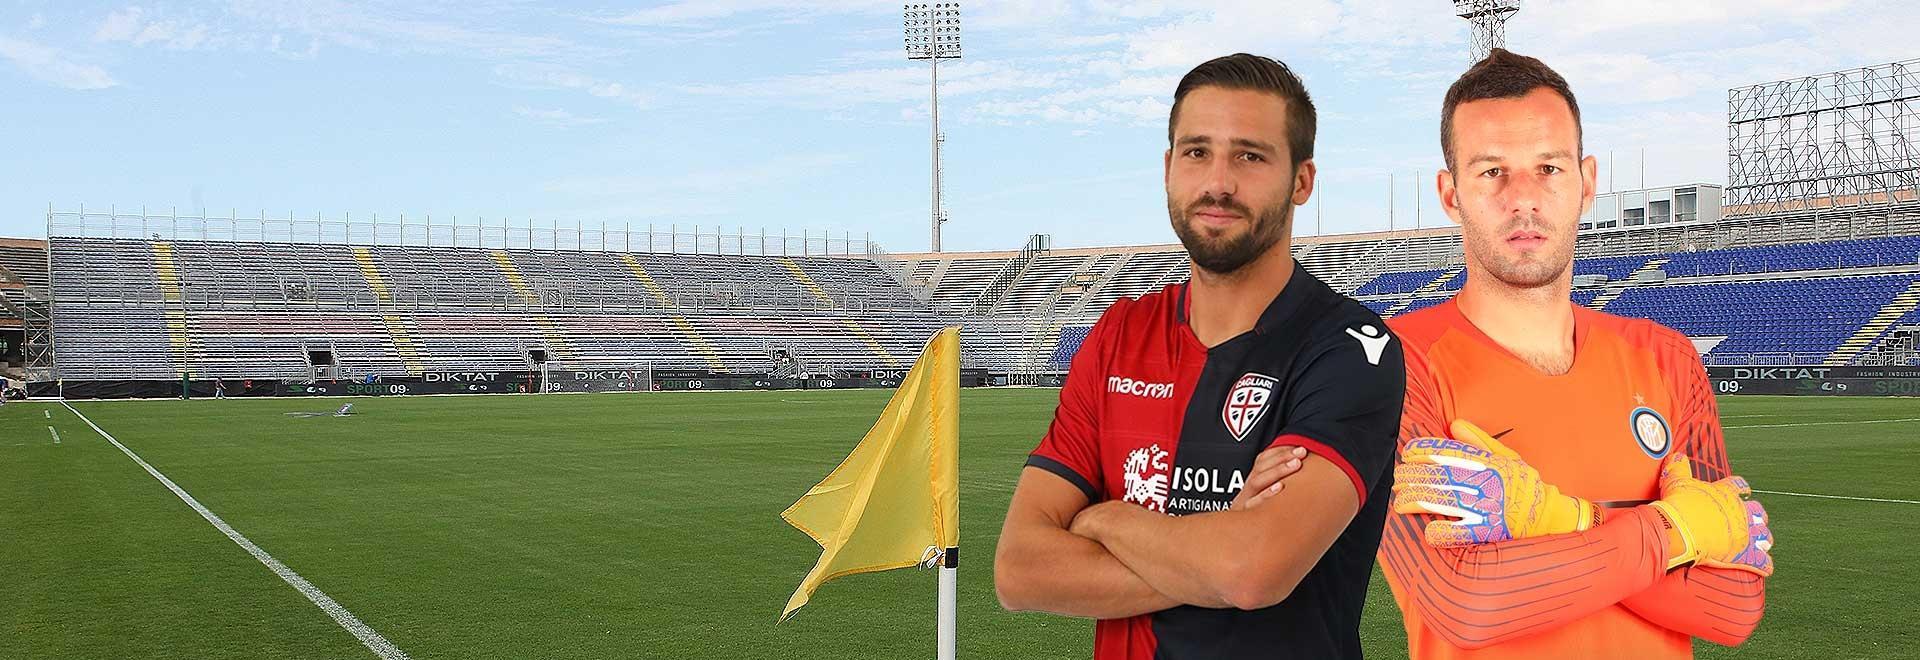 Cagliari - Inter. 26a g.